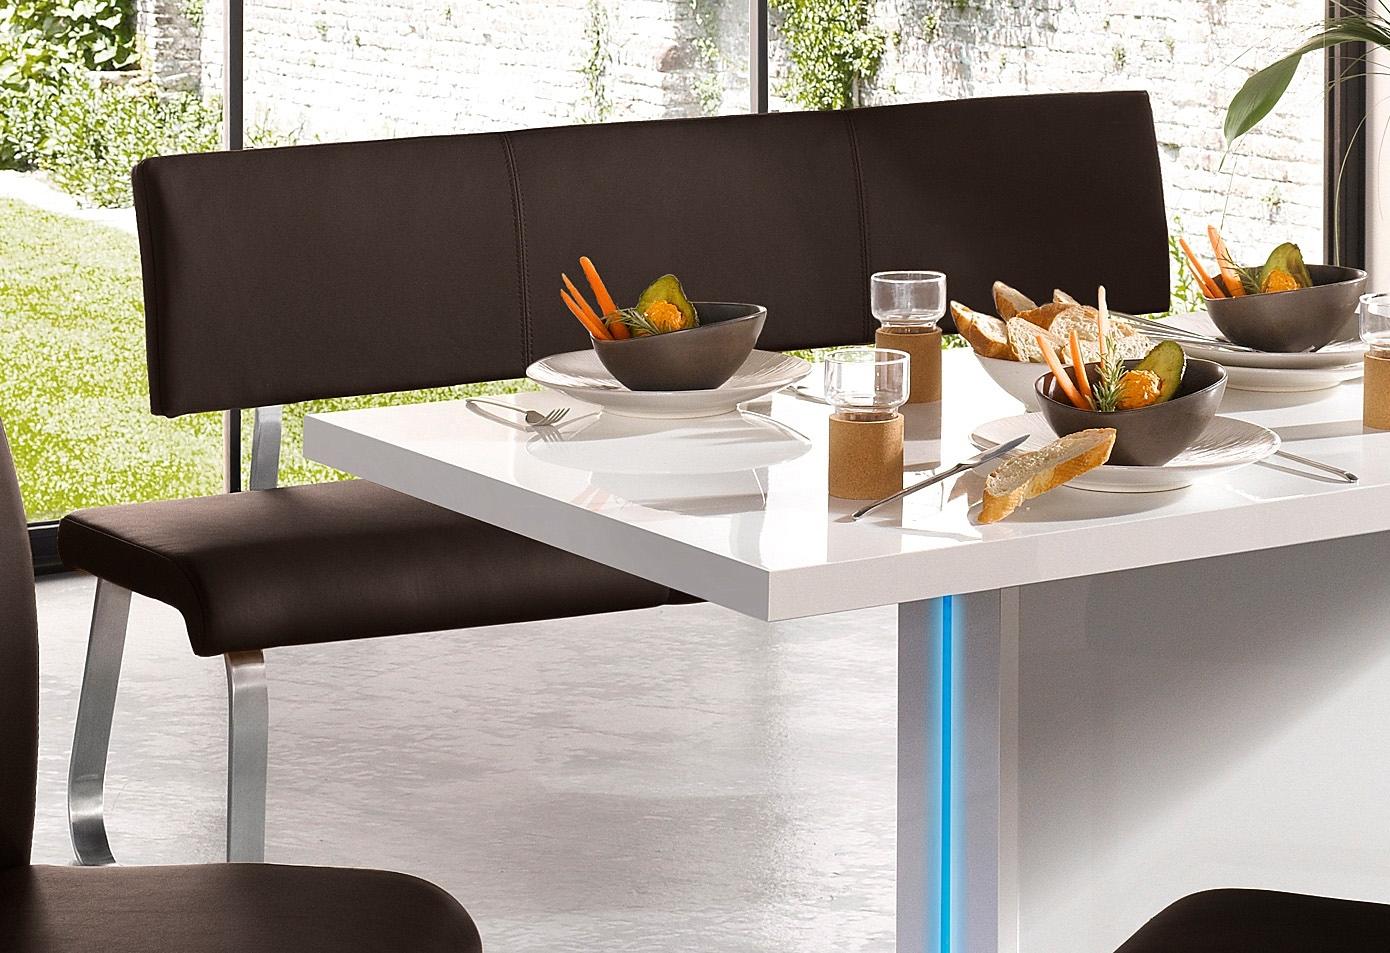 MCA furniture bank Arco (1 stuk) bestellen: 30 dagen bedenktijd